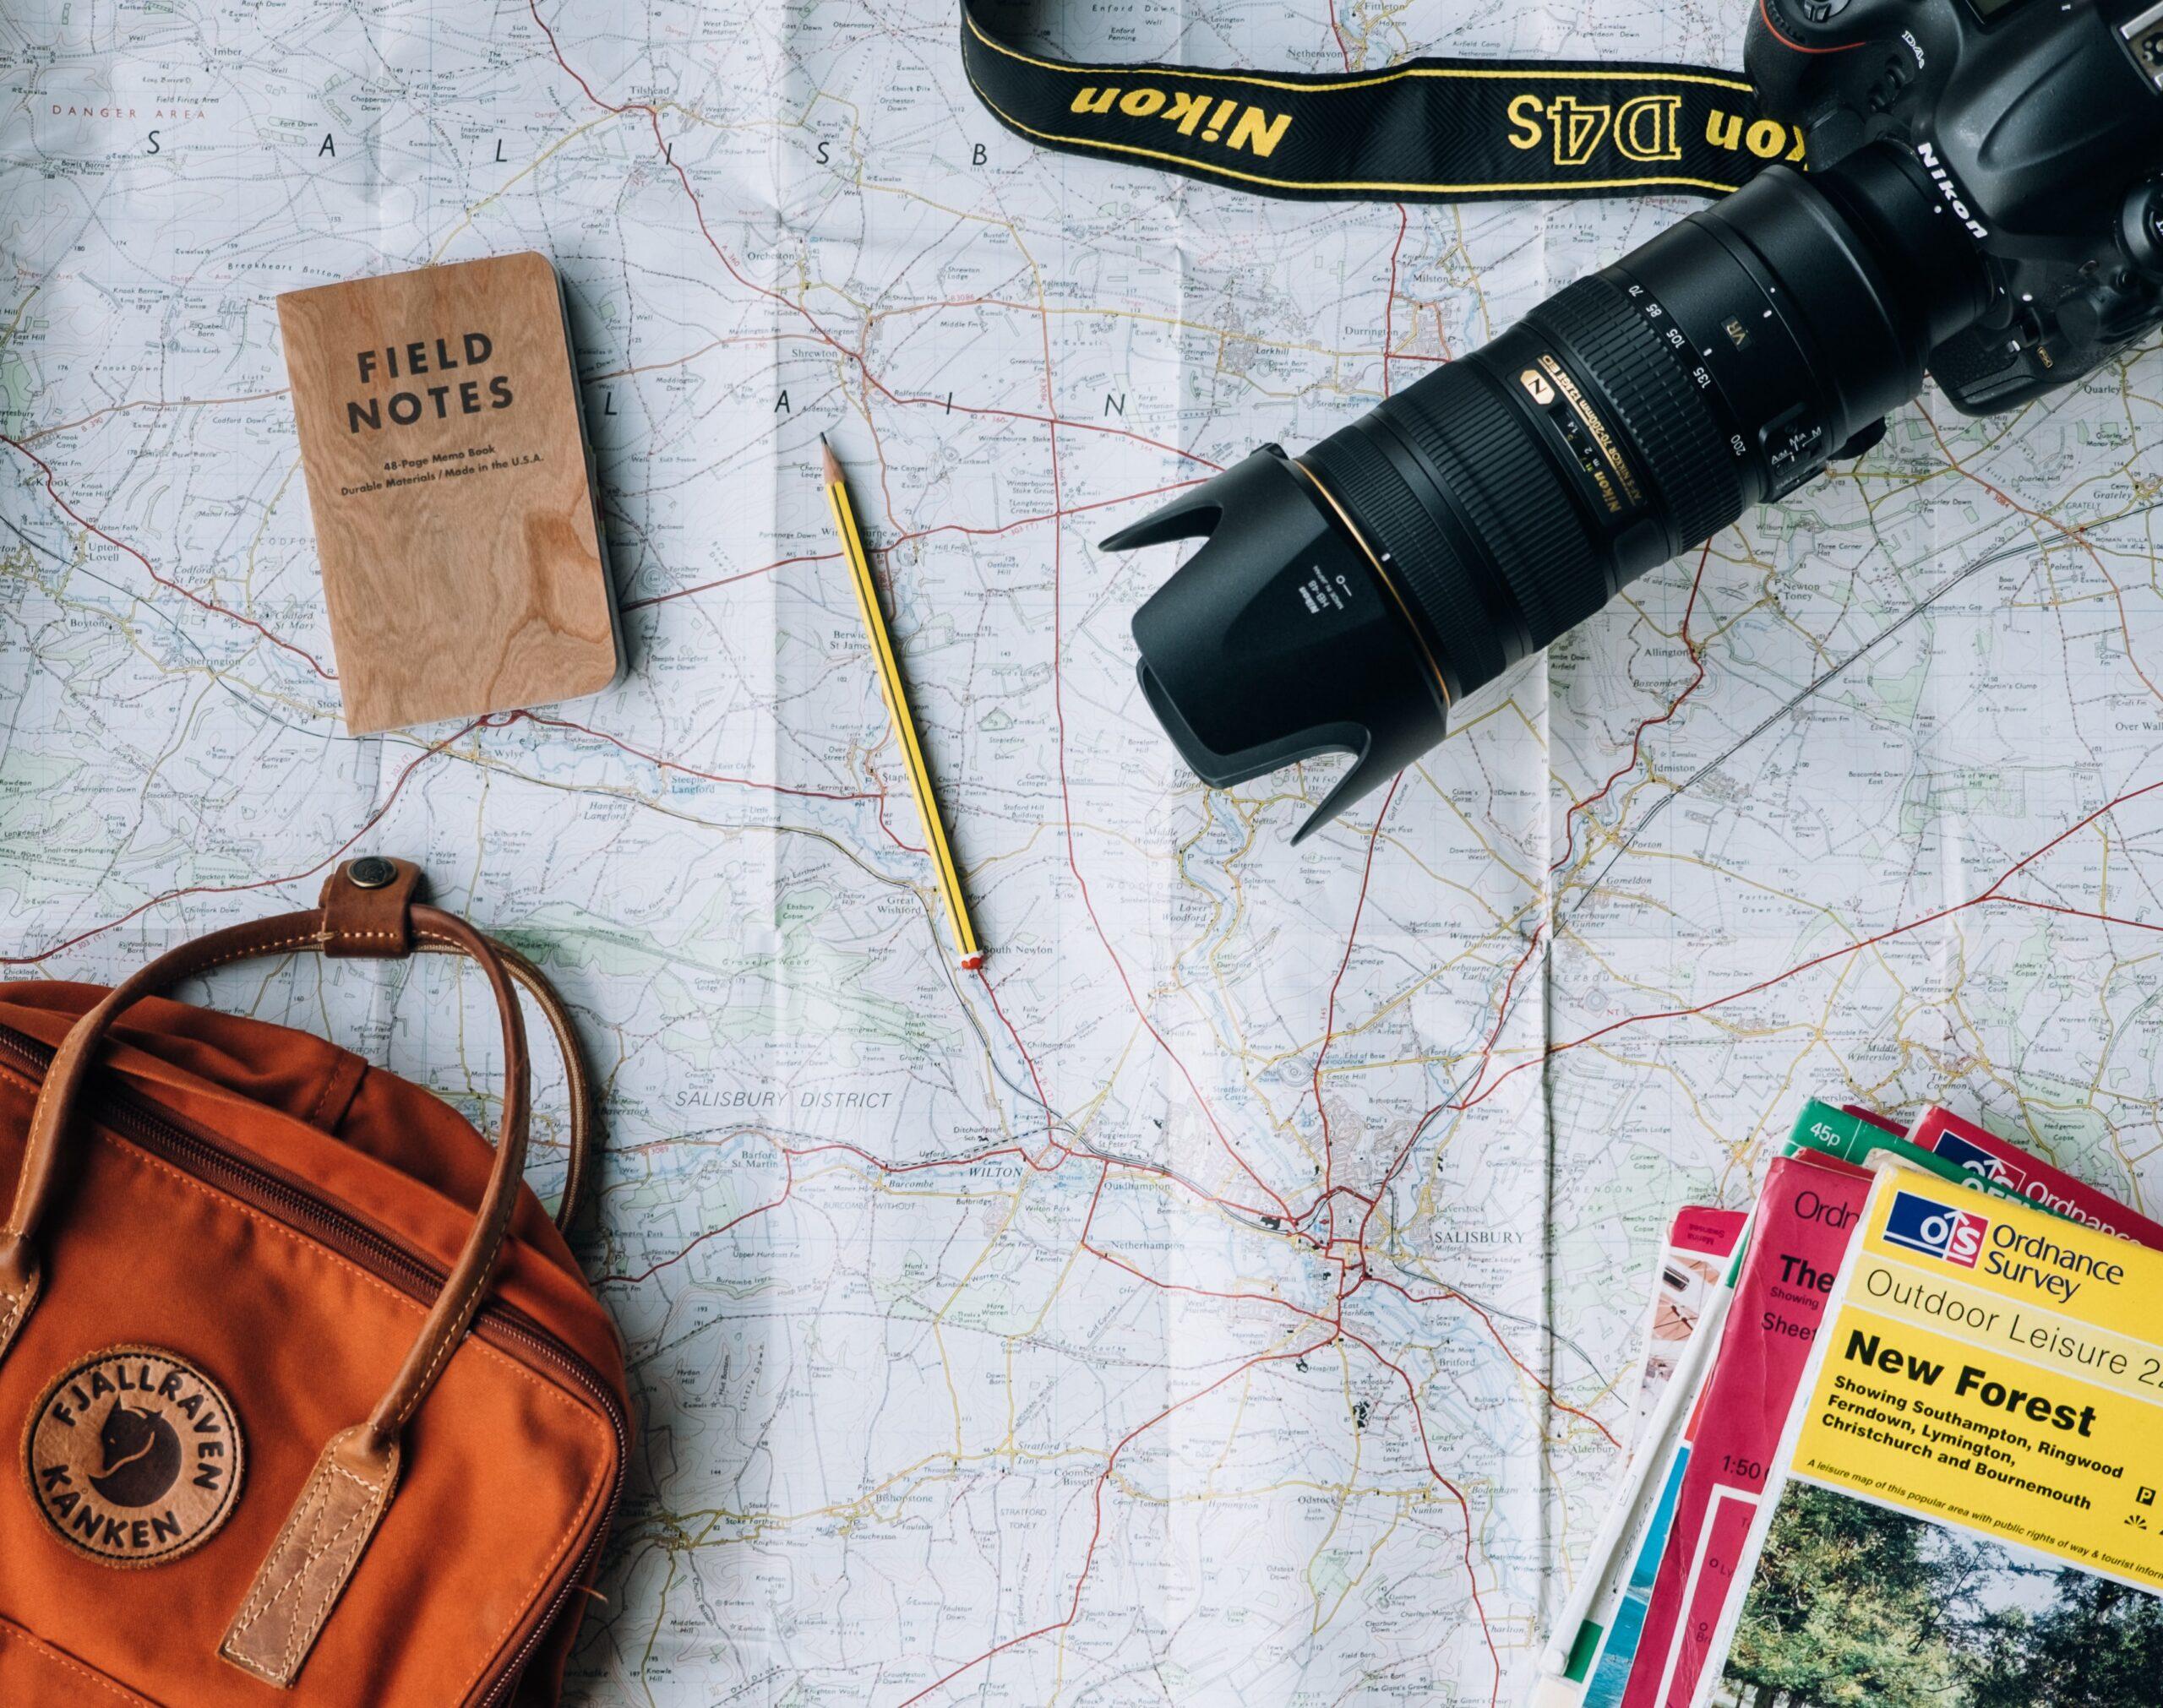 Путешествия в эпоху пандемии. Как украинскому туристу организовать поездку?